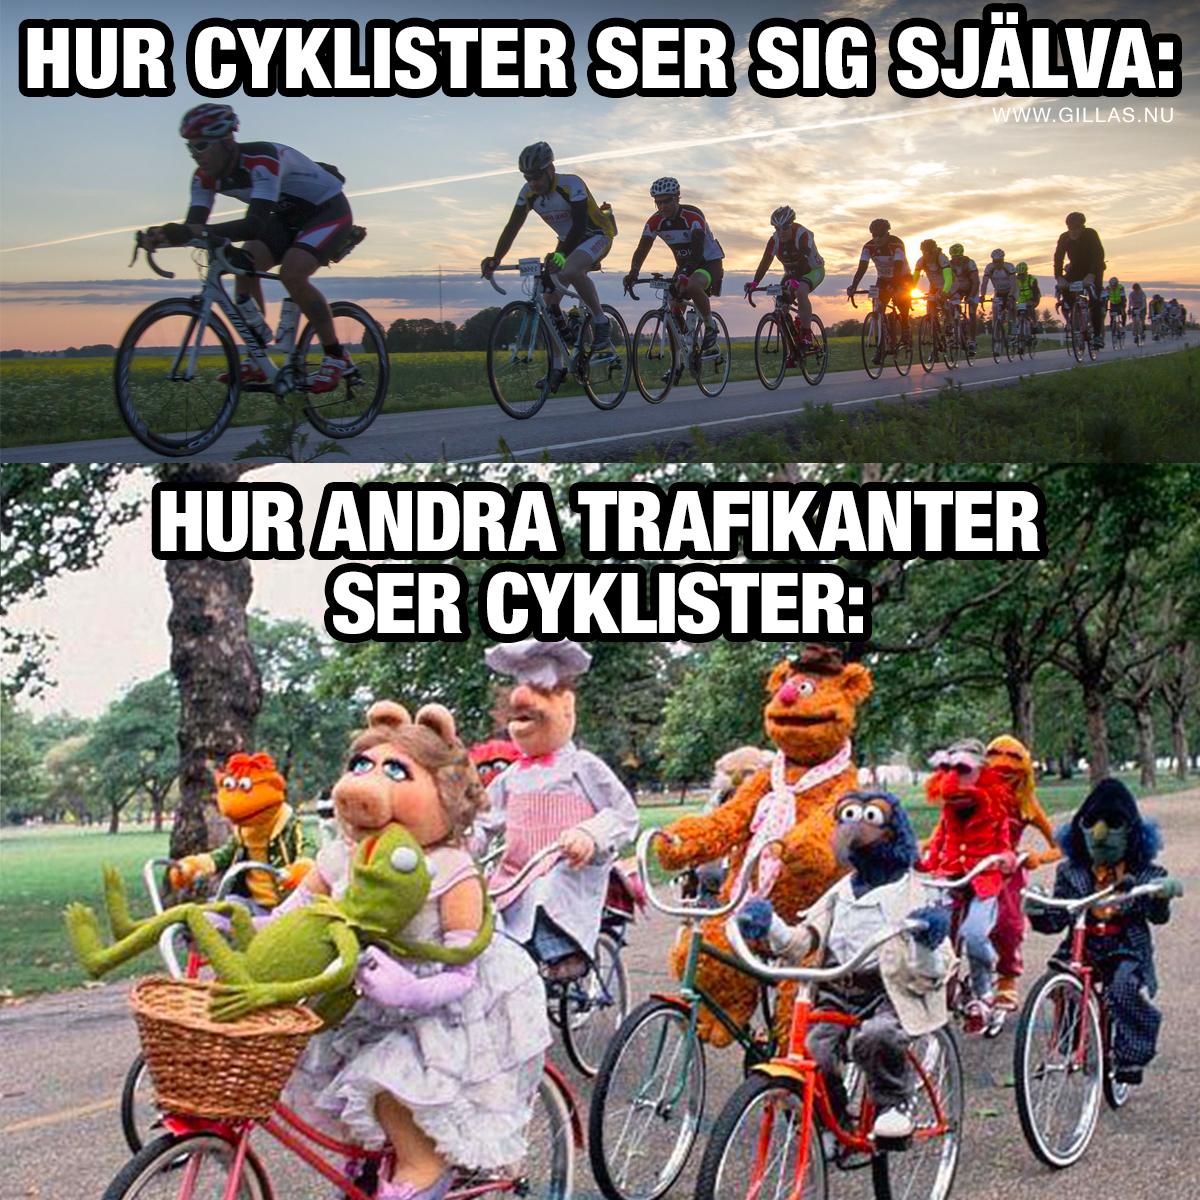 Vanliga cyklister och mupparna på cykel